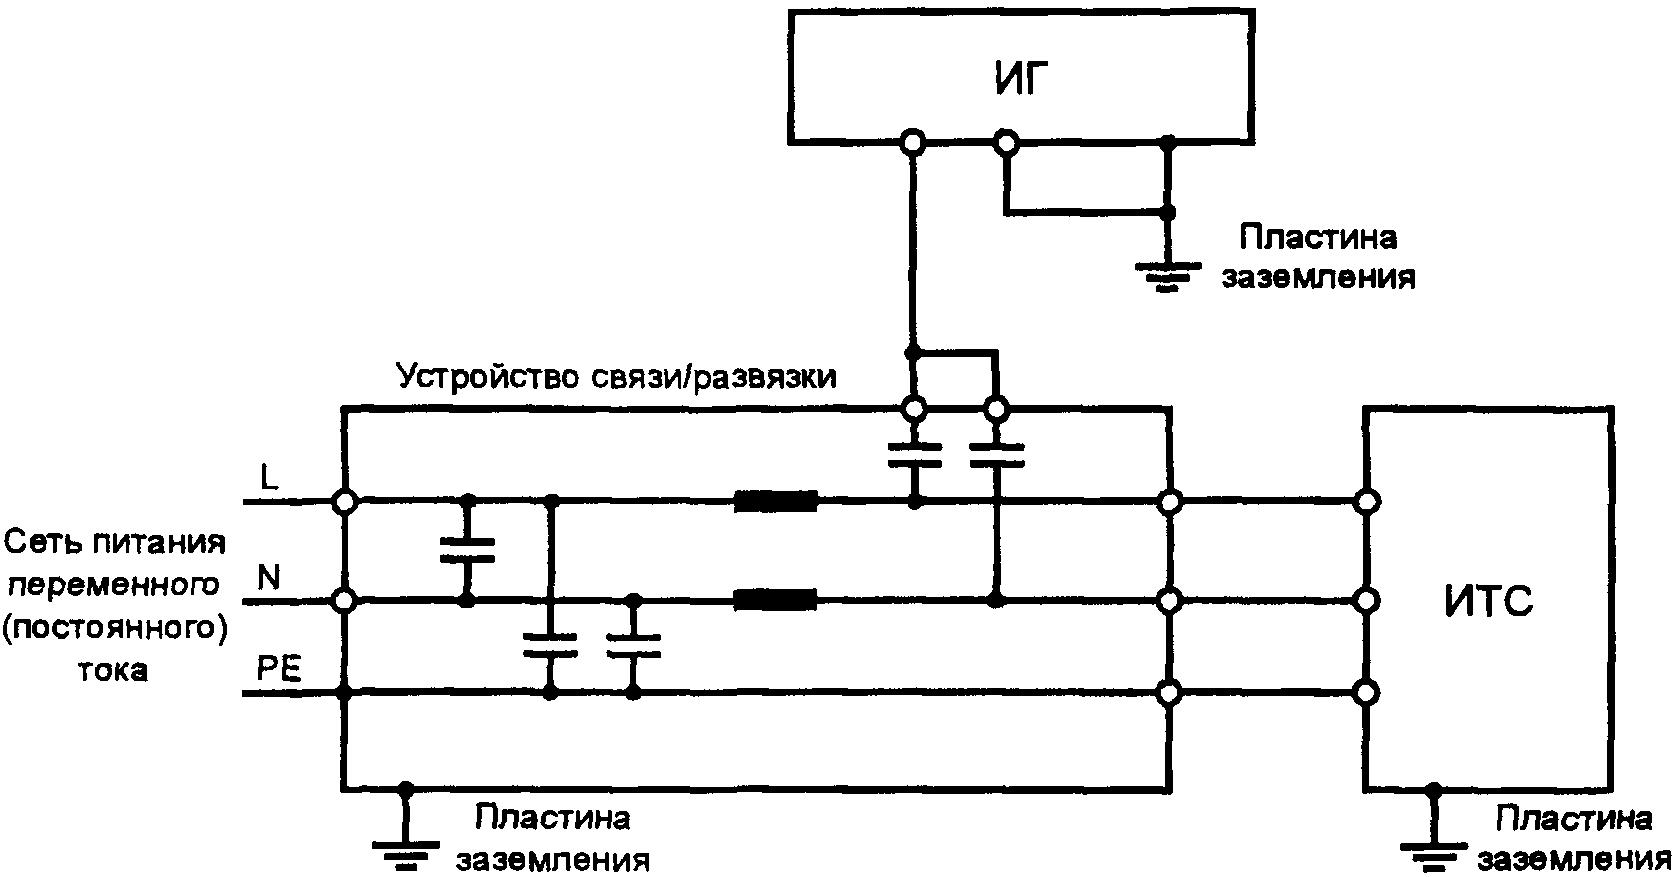 Рисунок 11б.  Схема рабочего места с проводниками заземления. см. 7.1.2) .